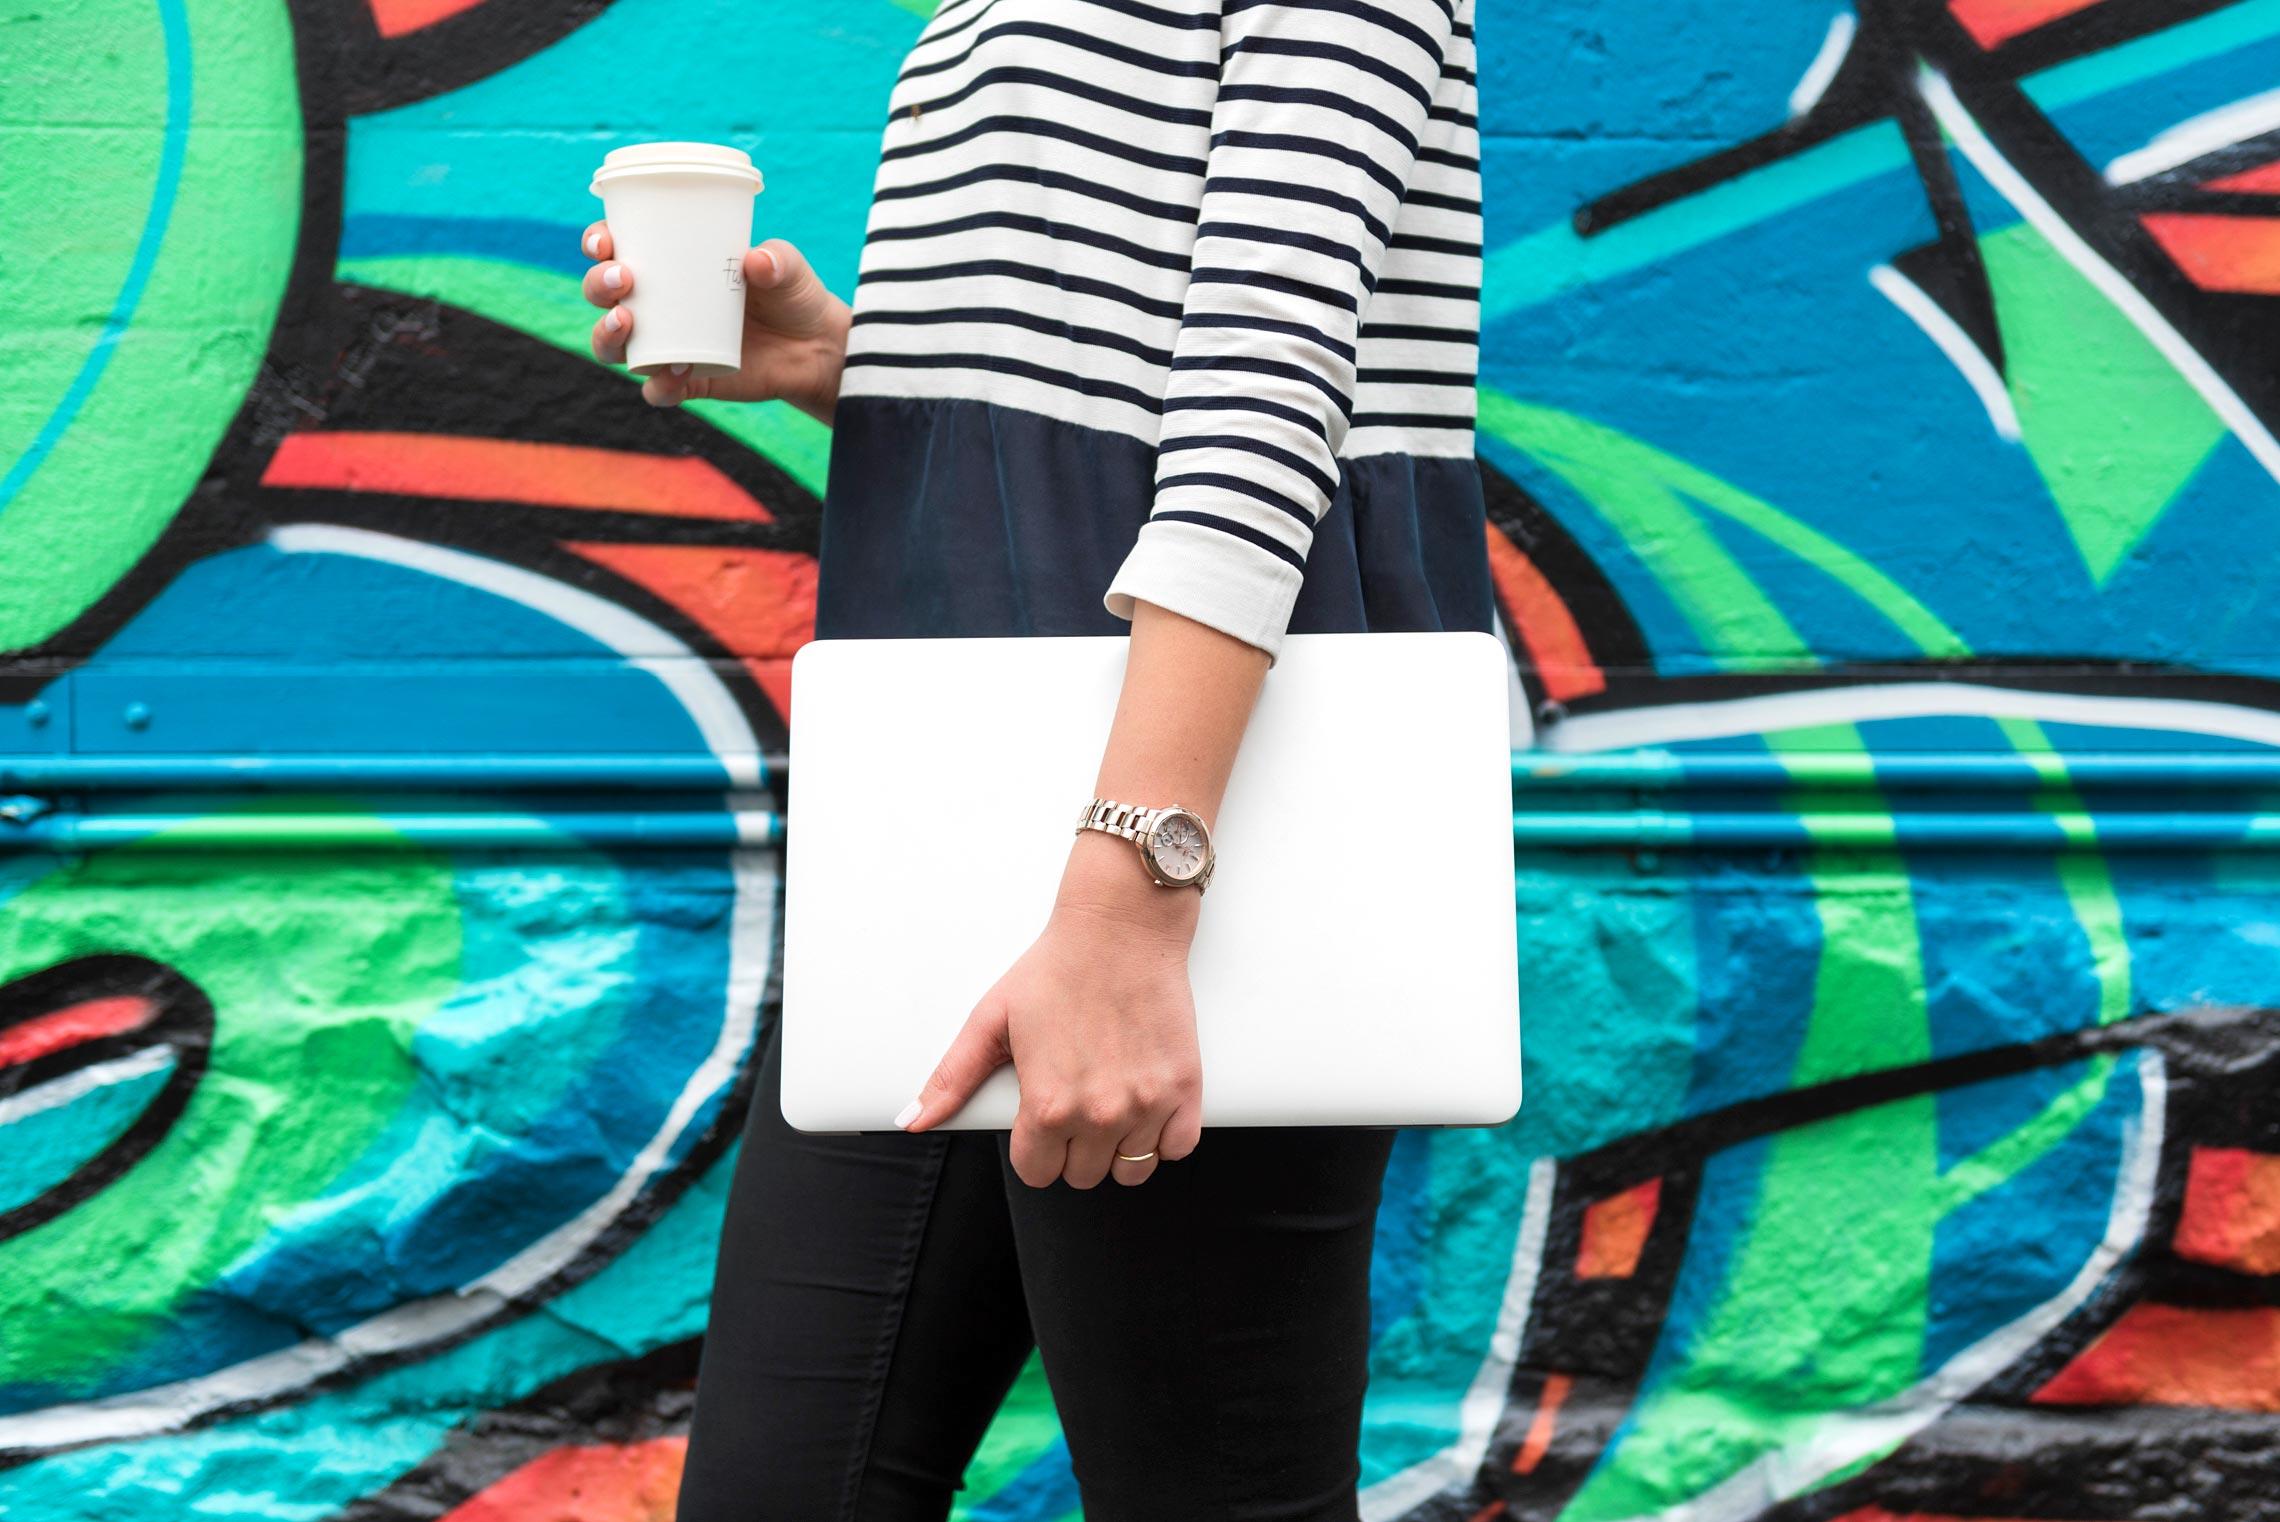 Đồng hồ Sheen với nhiều màu sắc lôi cuốn, cho nàng nhiều chọn lựa thời trang